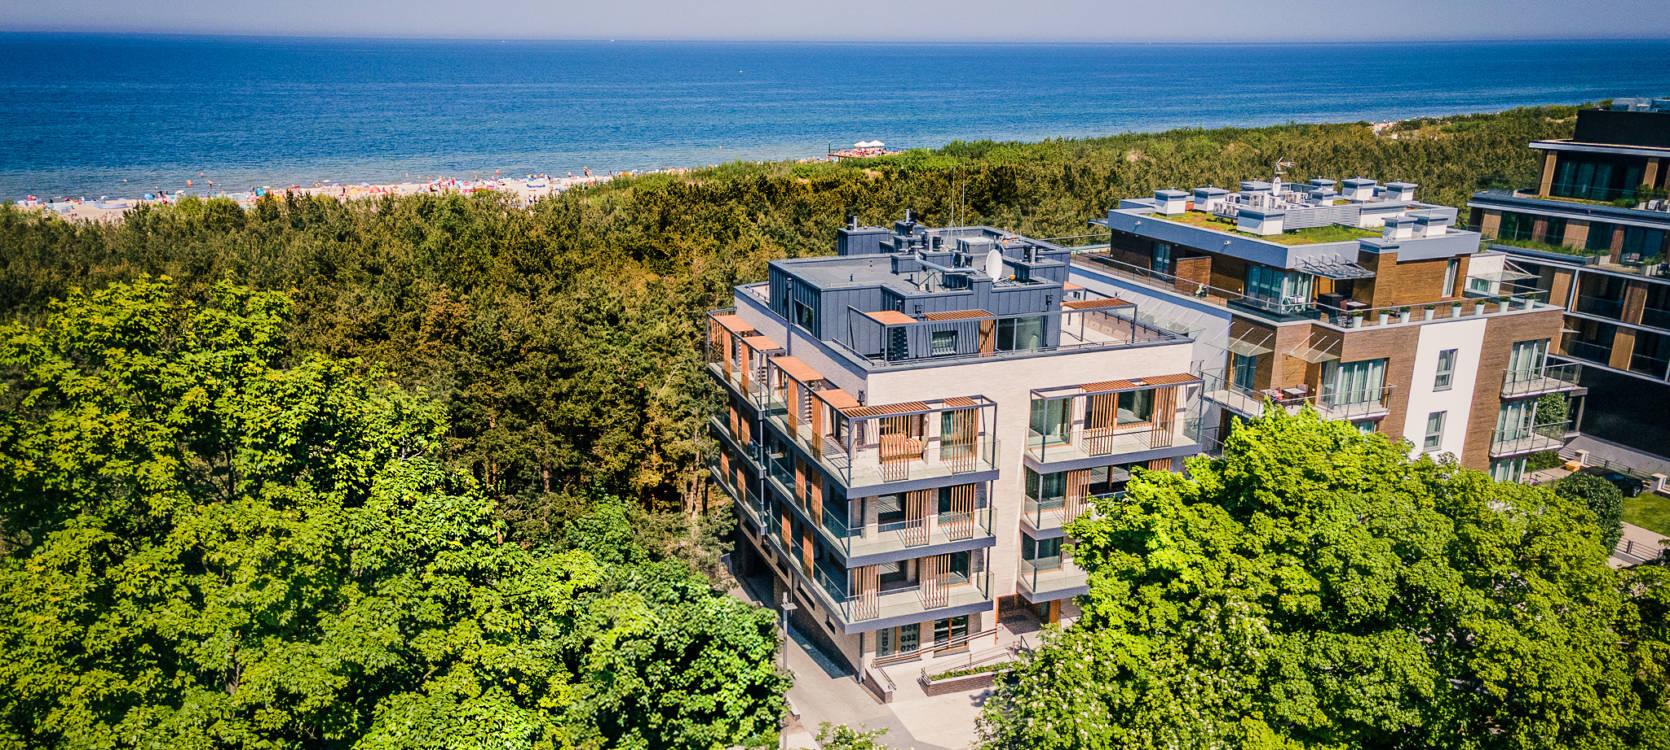 Apartamenty wakacyjne Wave House we Władysławowie